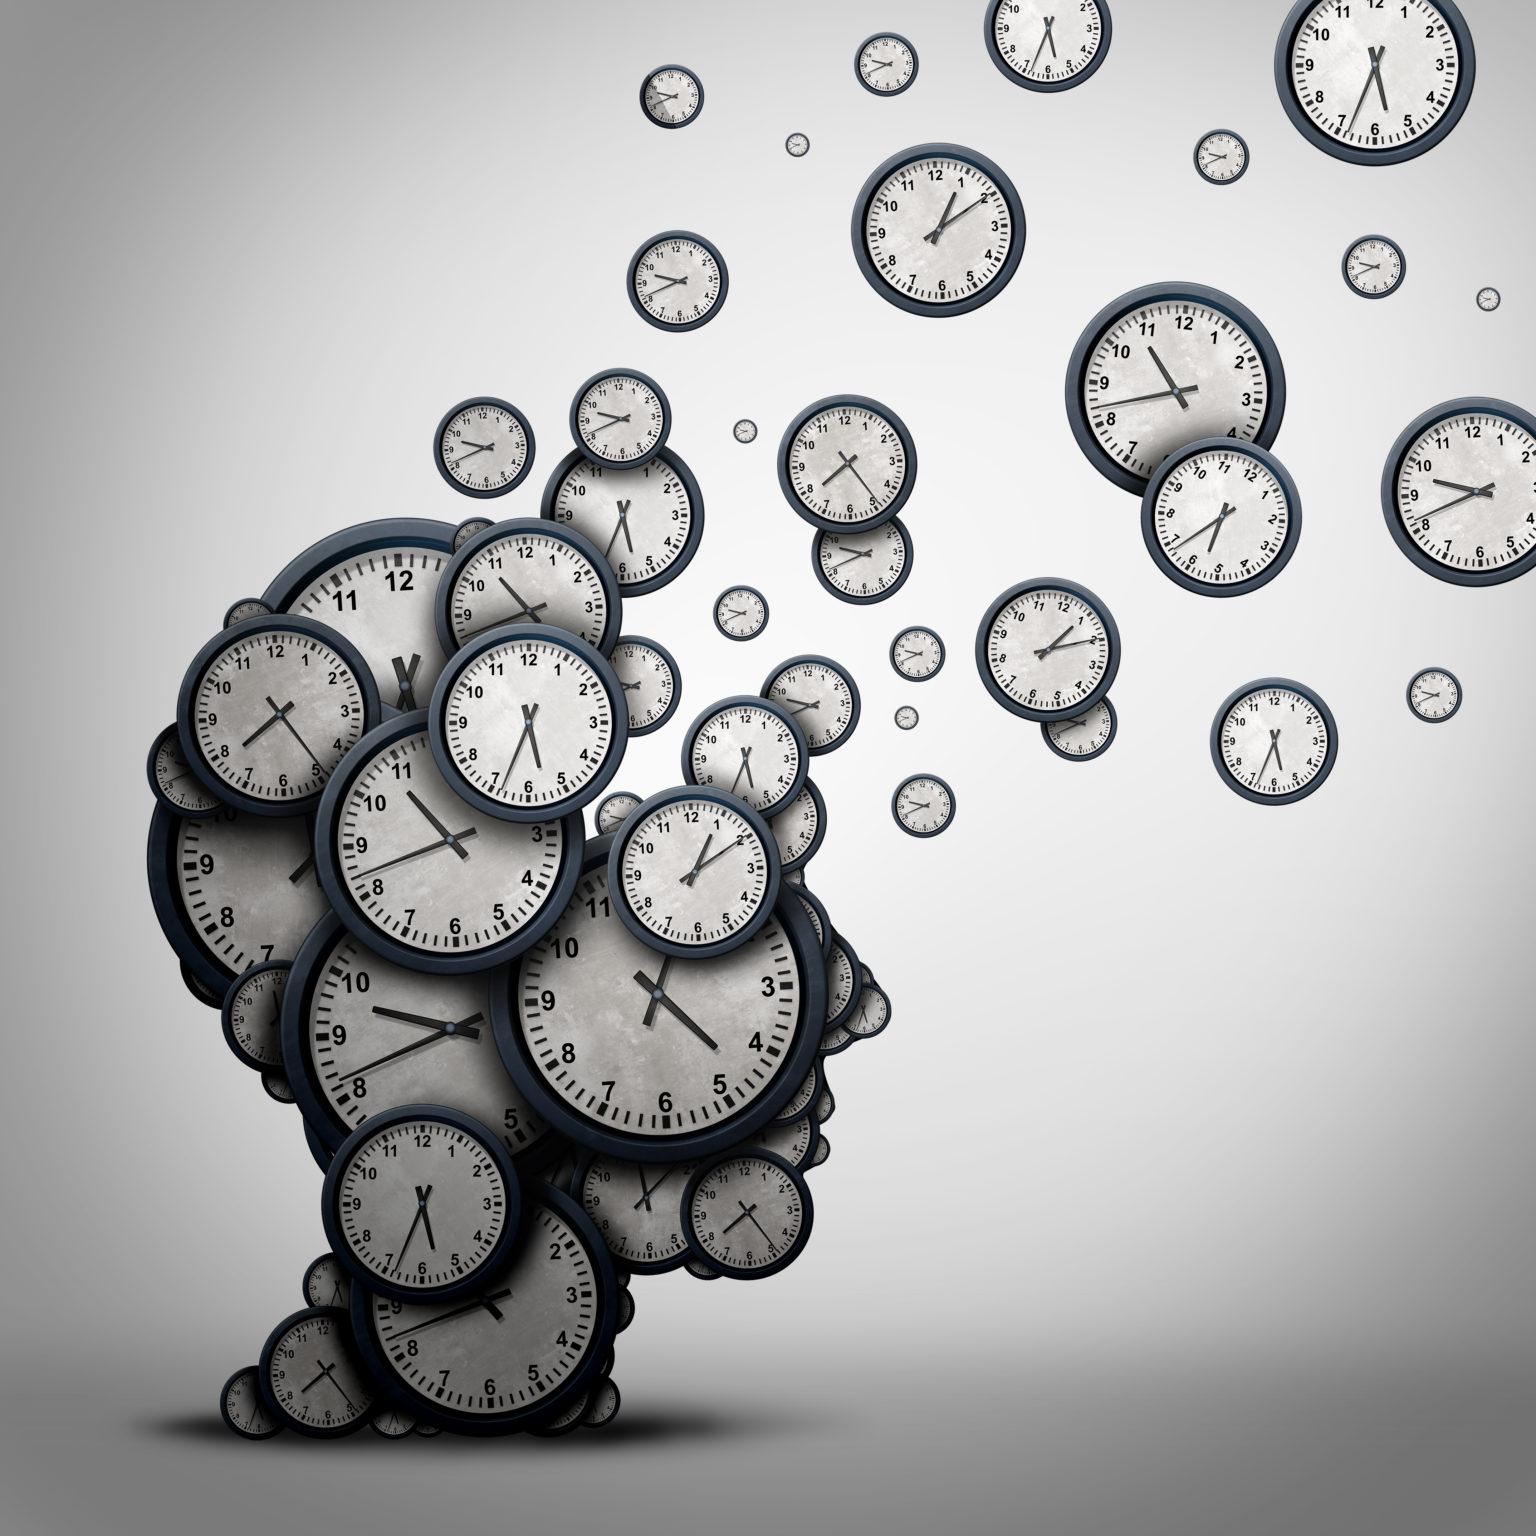 Uhren in Form eines Kopf